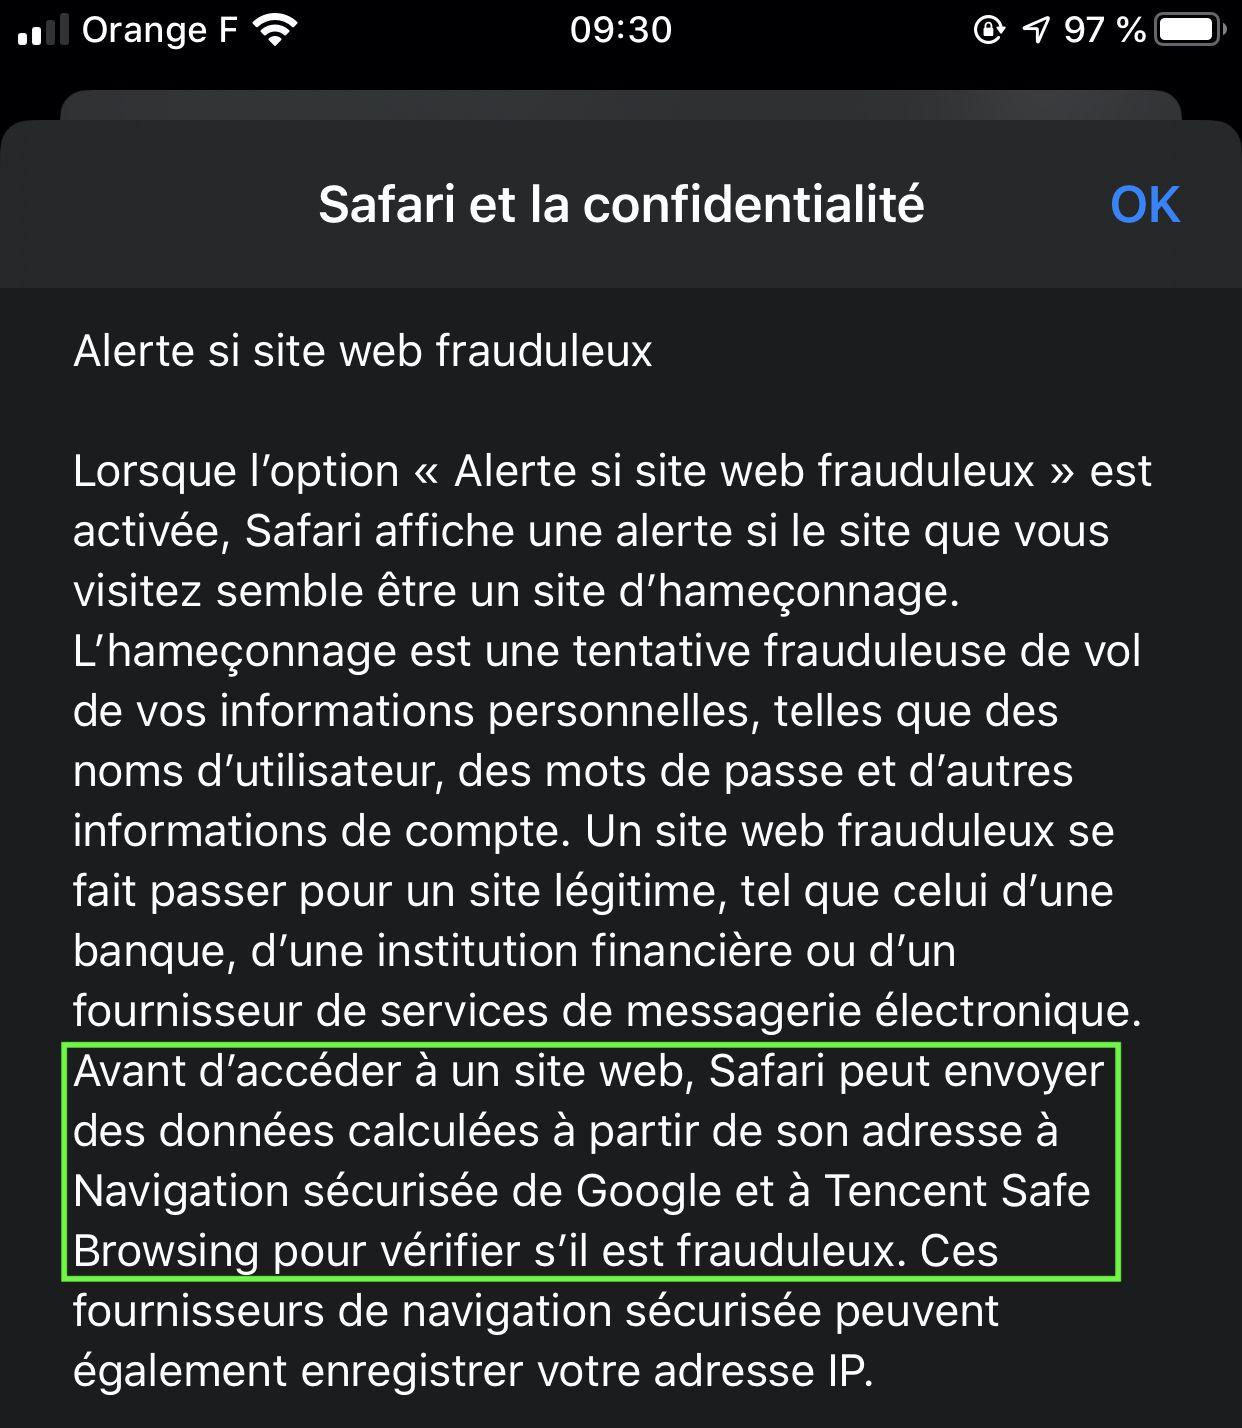 Capture d'écran de la rubrique Safari et la confidentialité sur iOS 13